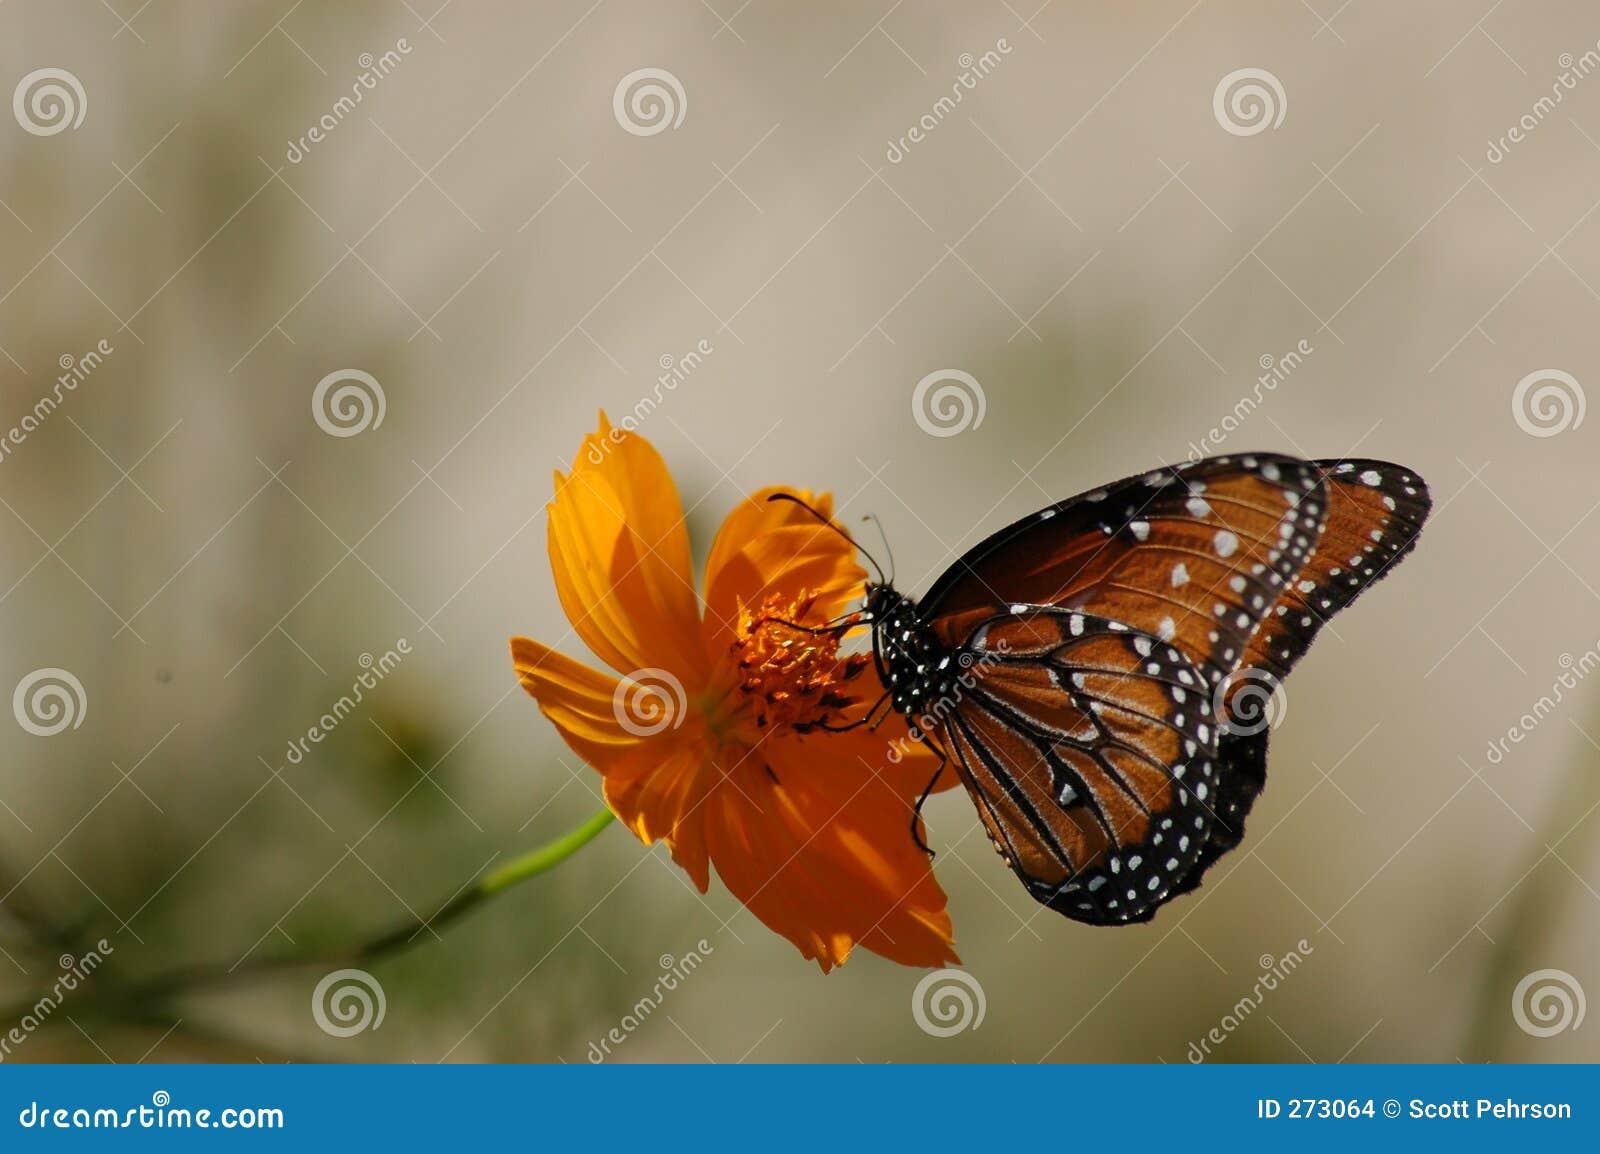 Basisrecheneinheit balanciert auf Blume